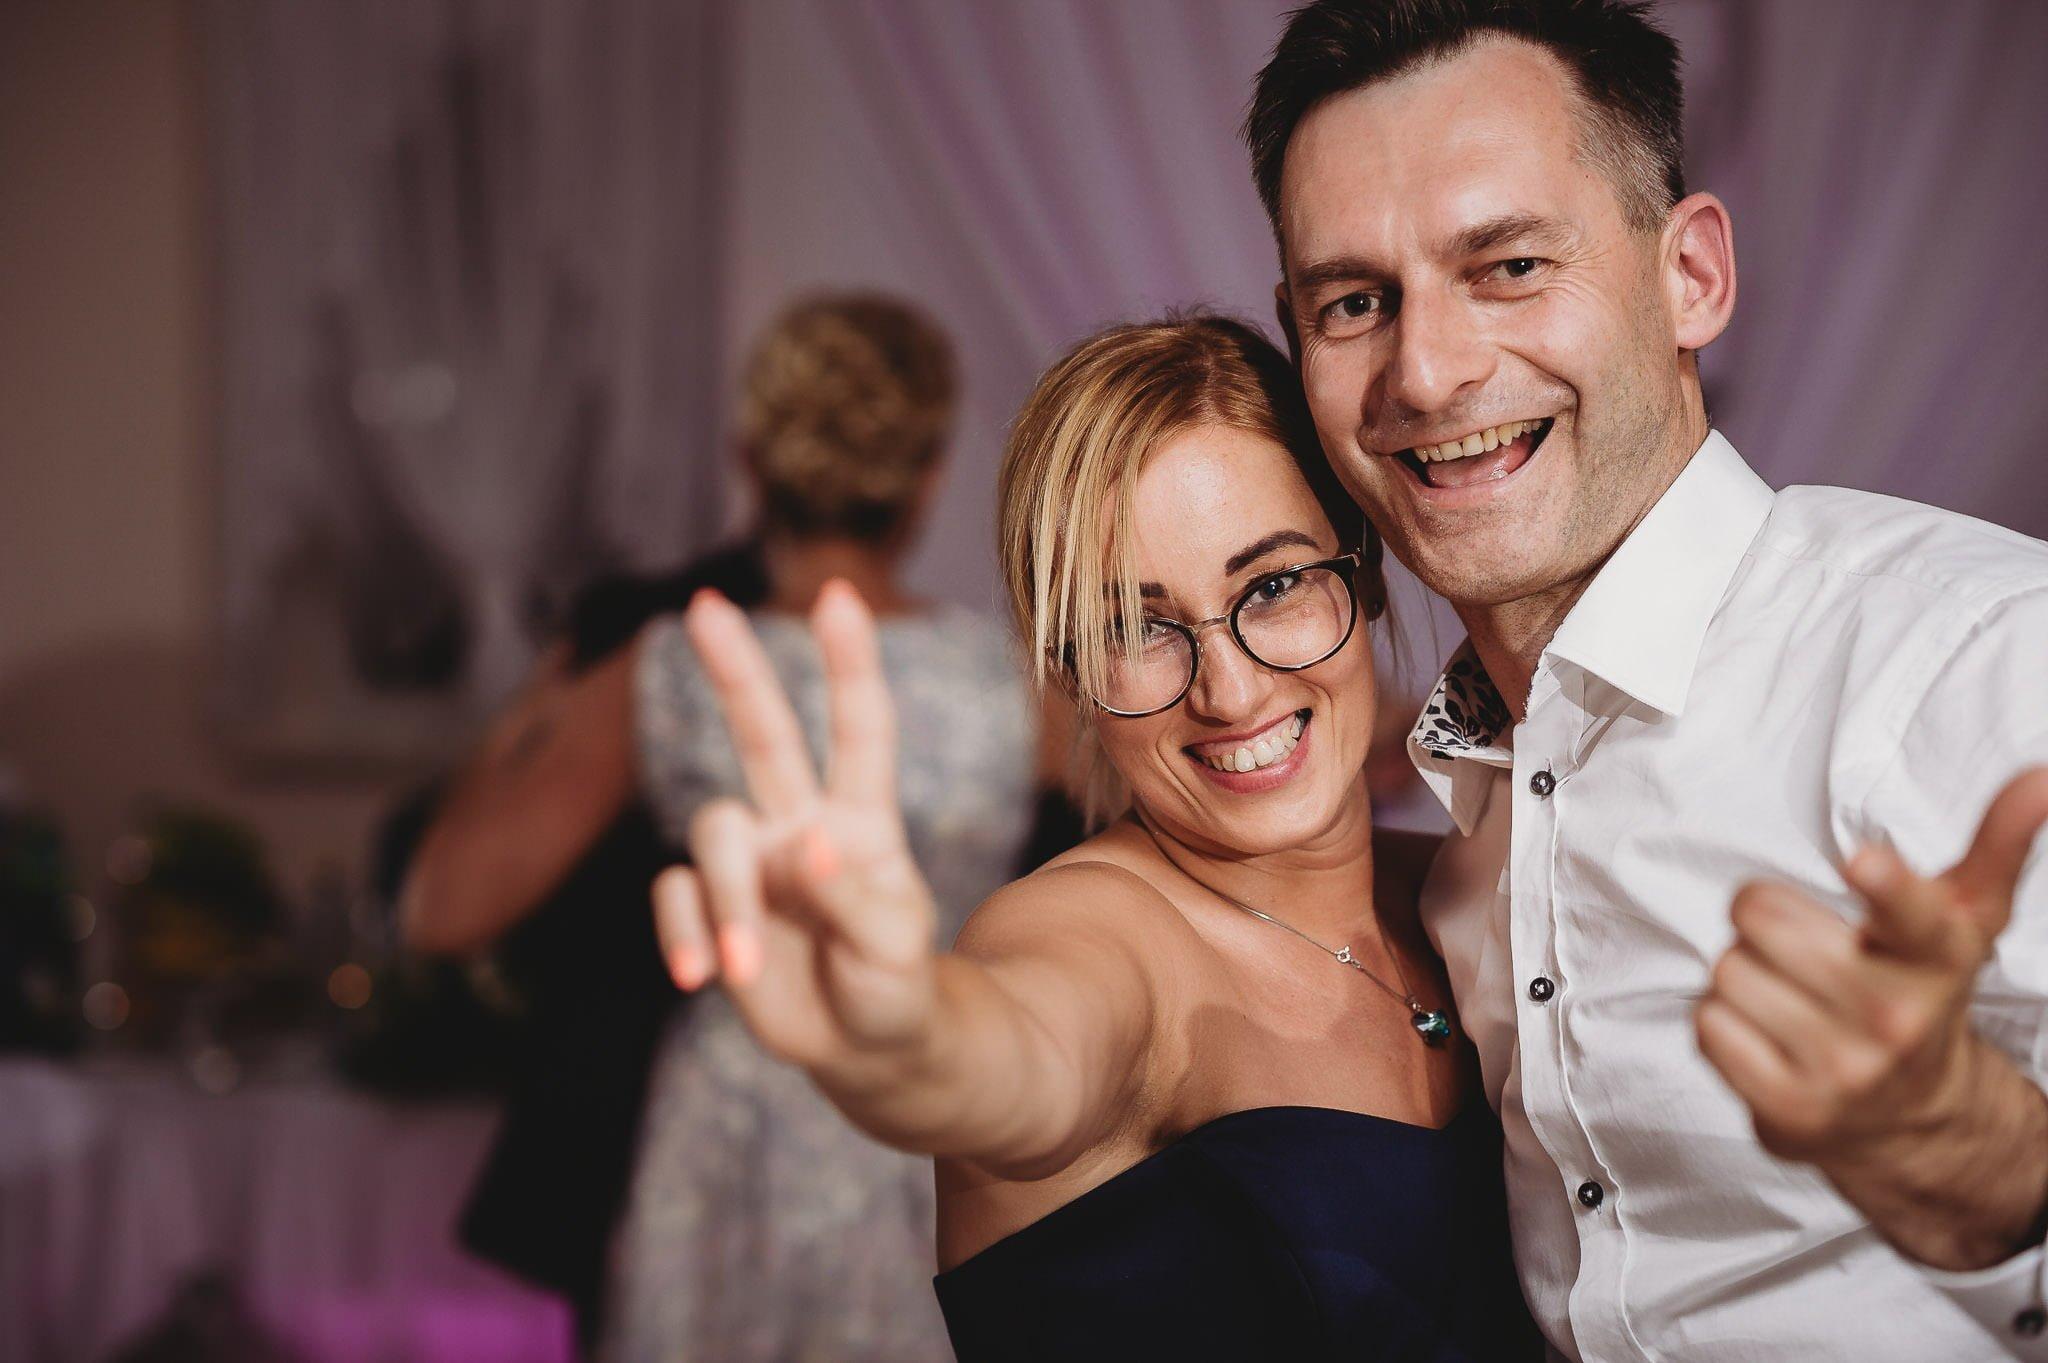 Angelika i Michał, piękne zdjęcia ślubne i sesja plenerowa w Gołuchowie 178